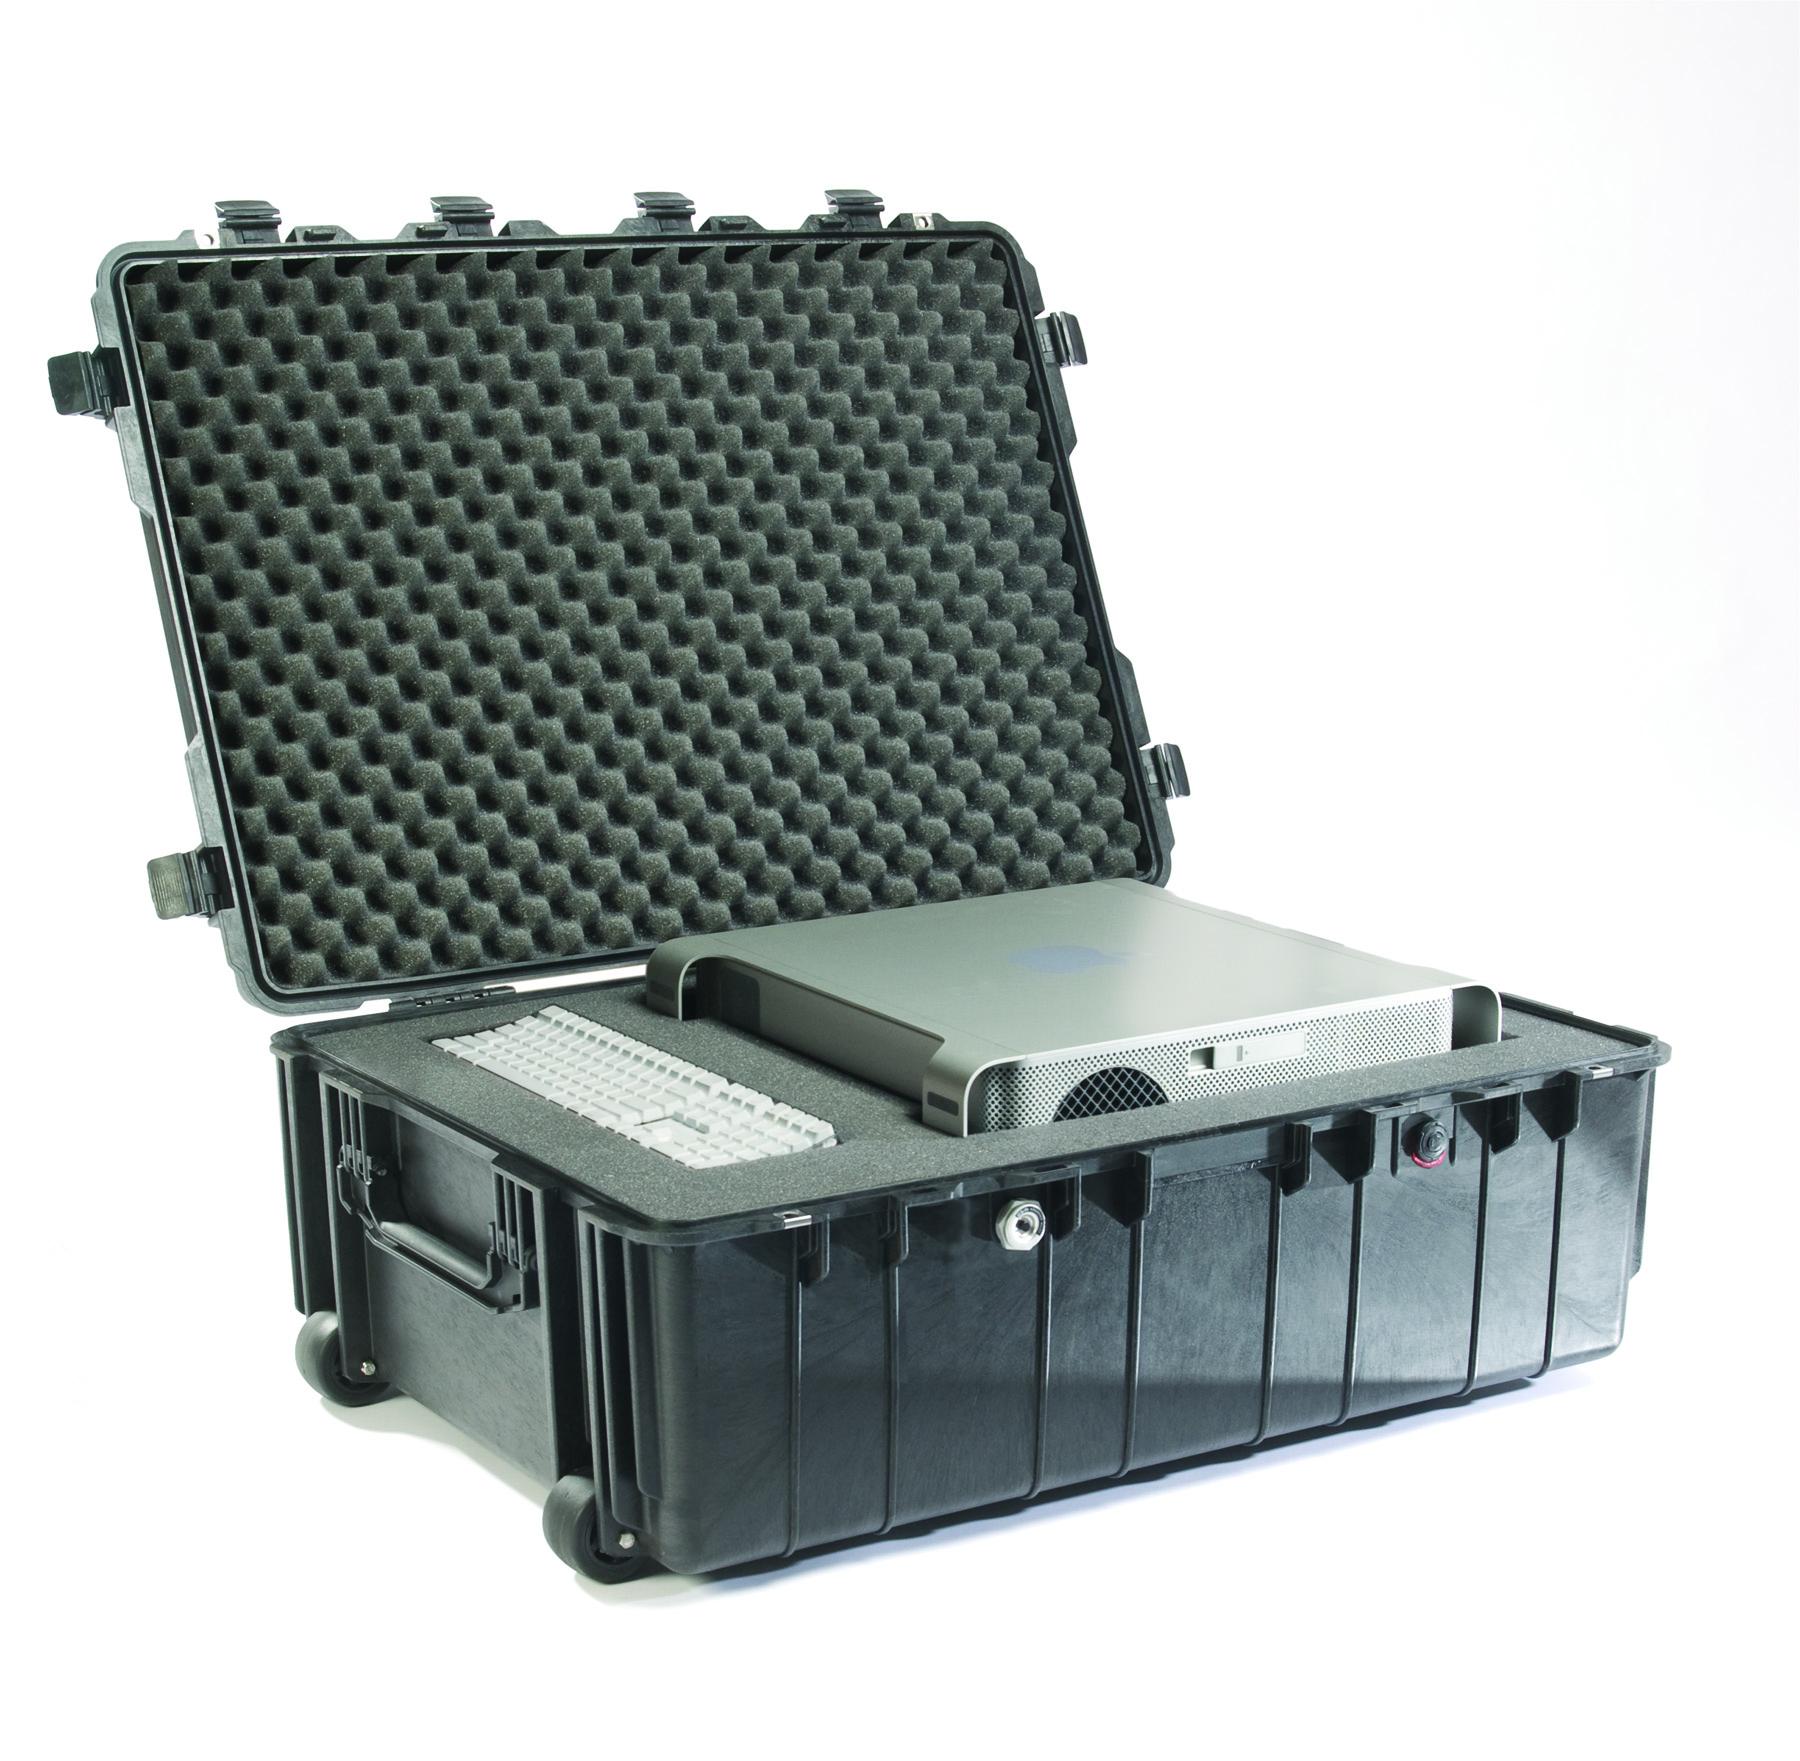 1730 - Pelican 1730 Transport Case  Equipment Case